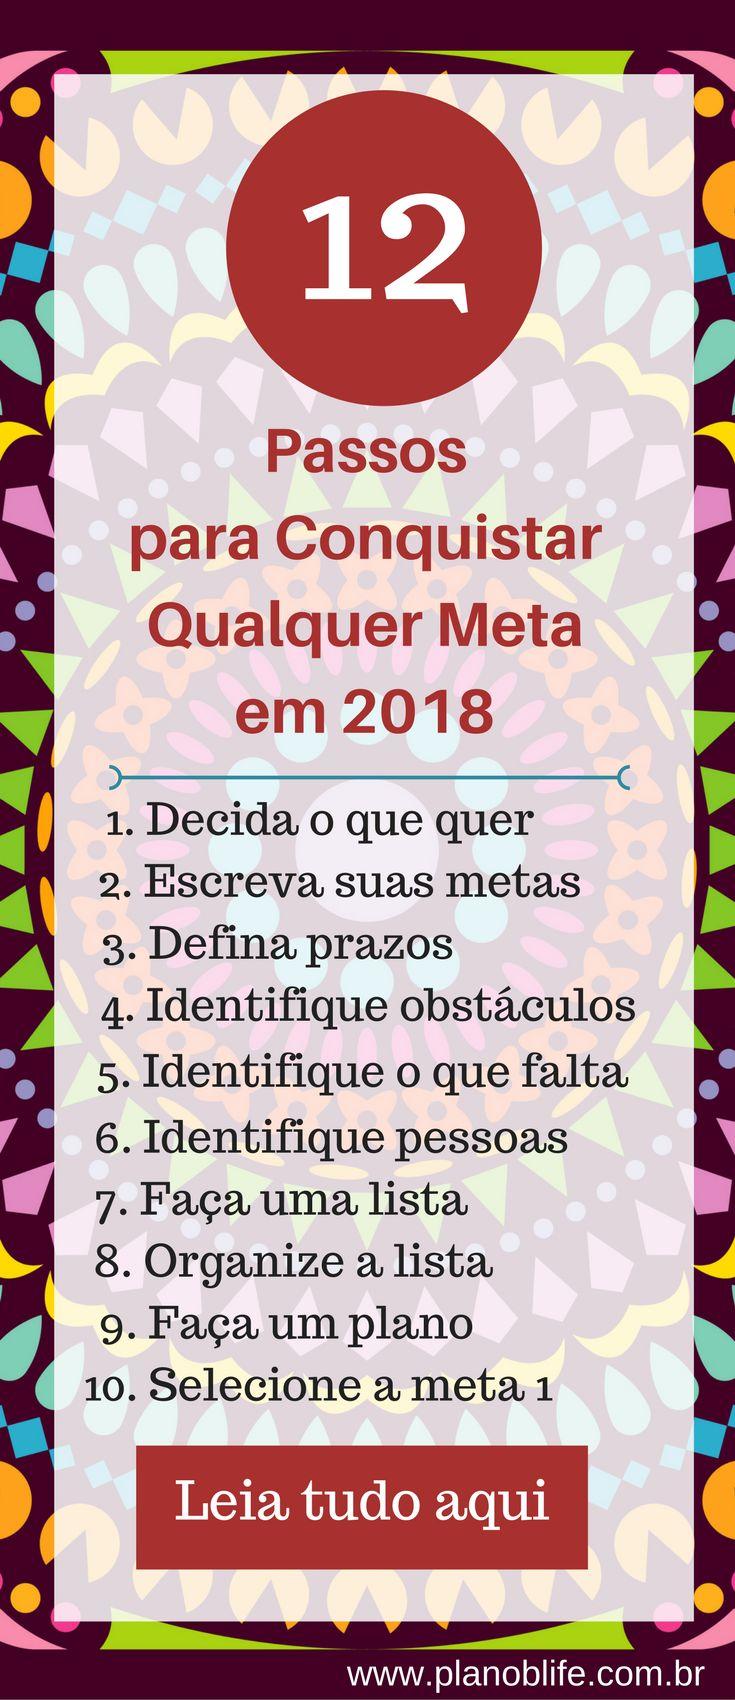 12 passos para conquistar qualquer meta  em 2018 #metas